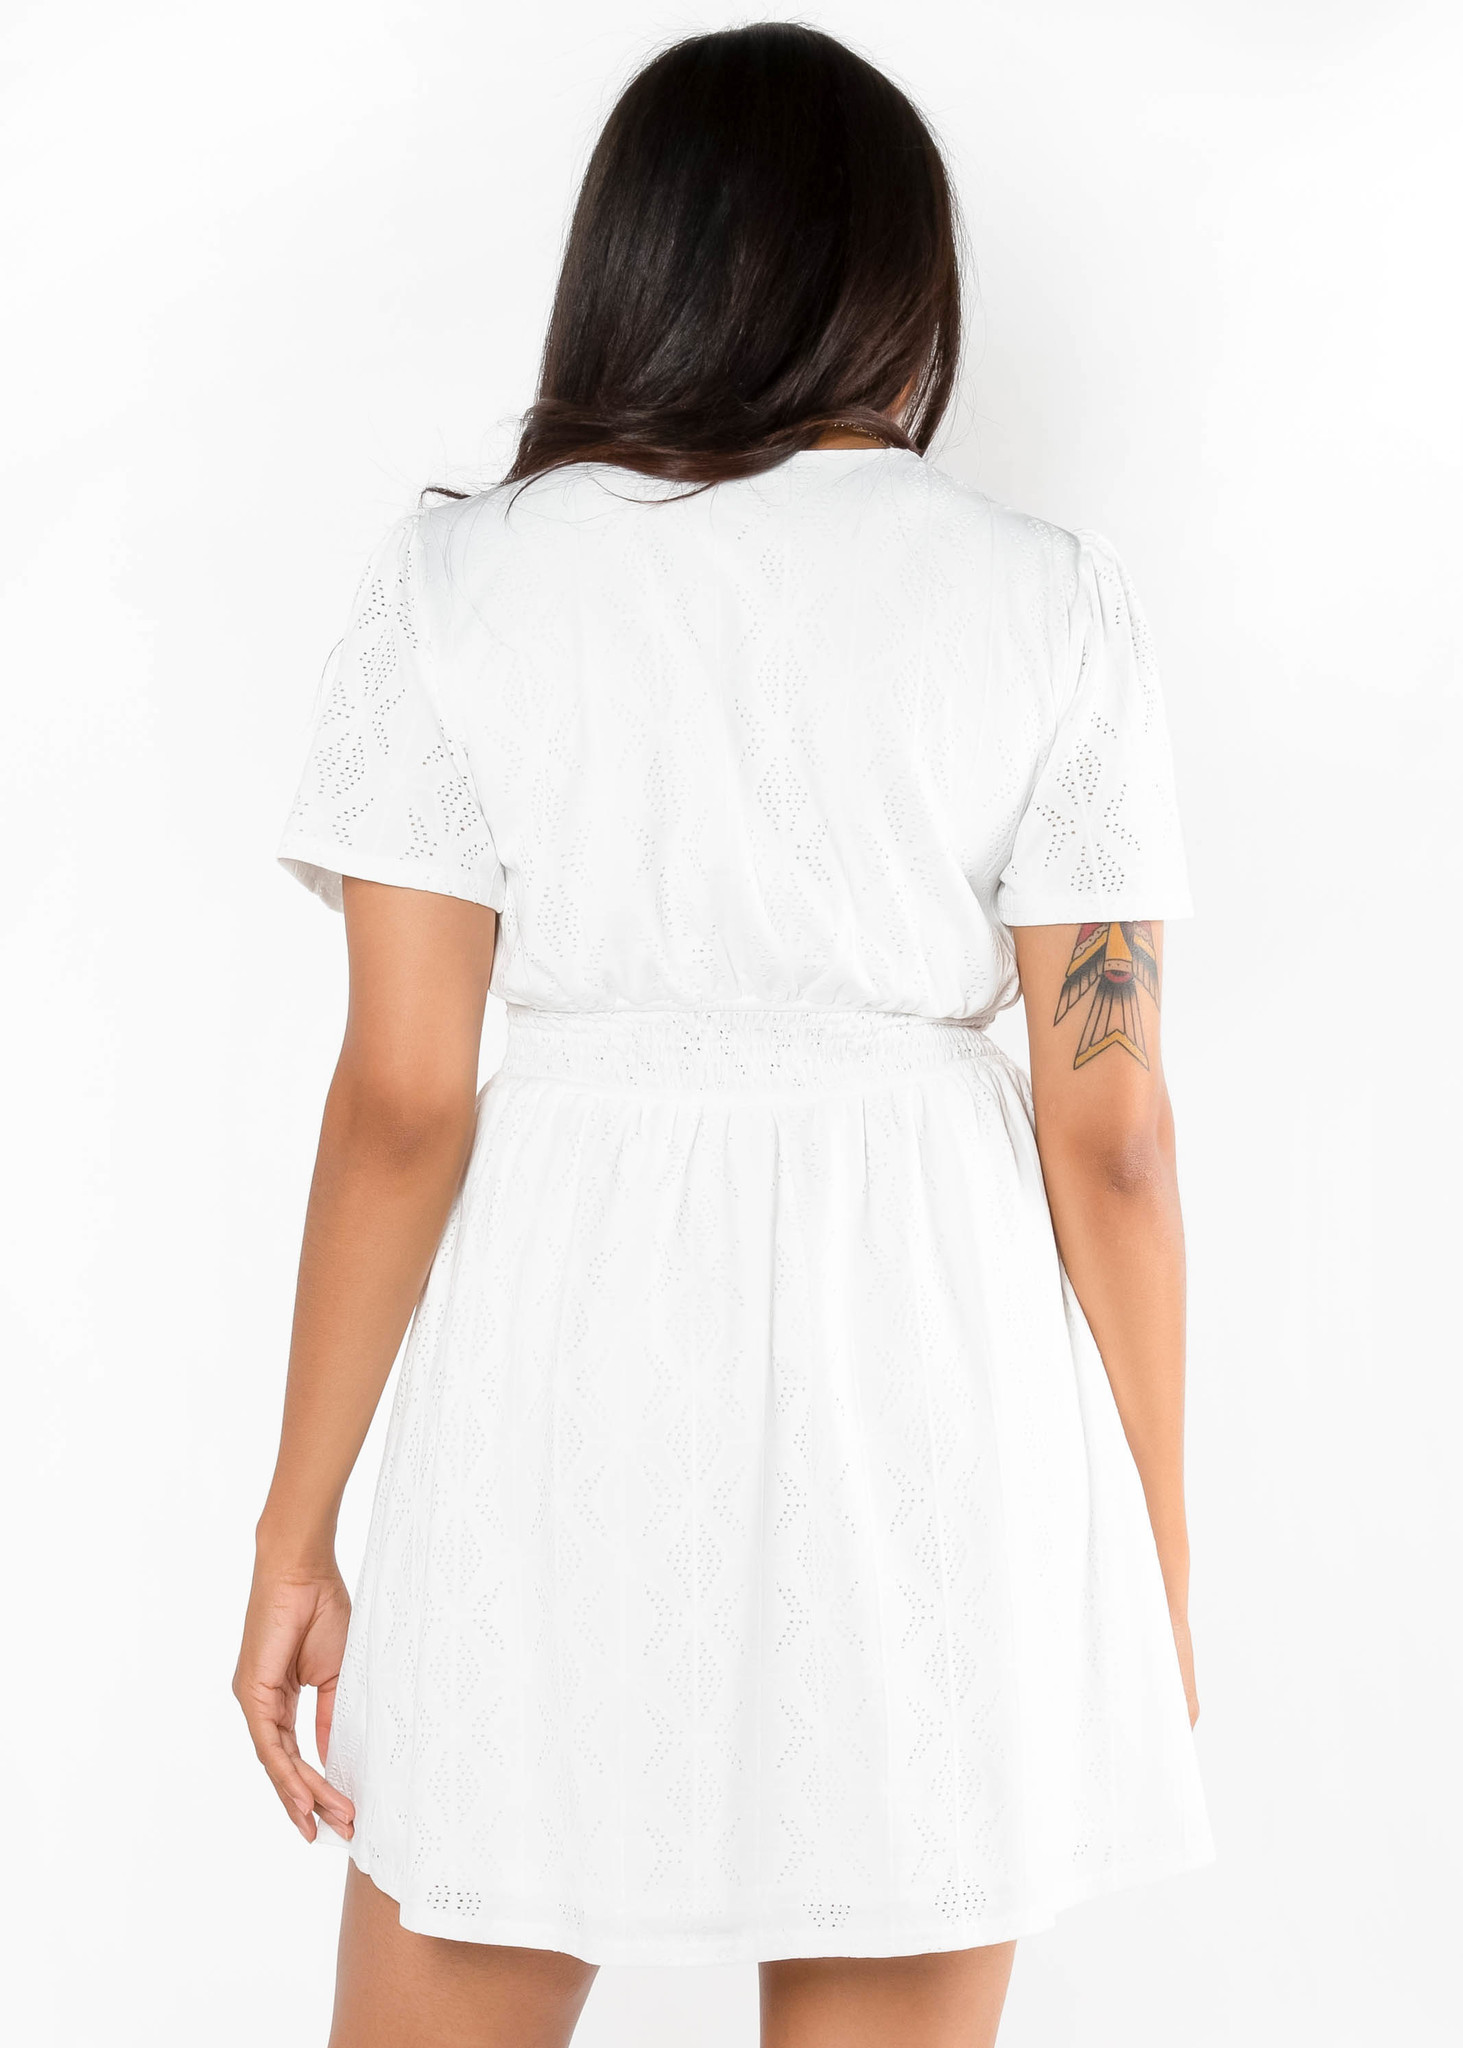 TEN OUT OF TEN WHITE DRESS